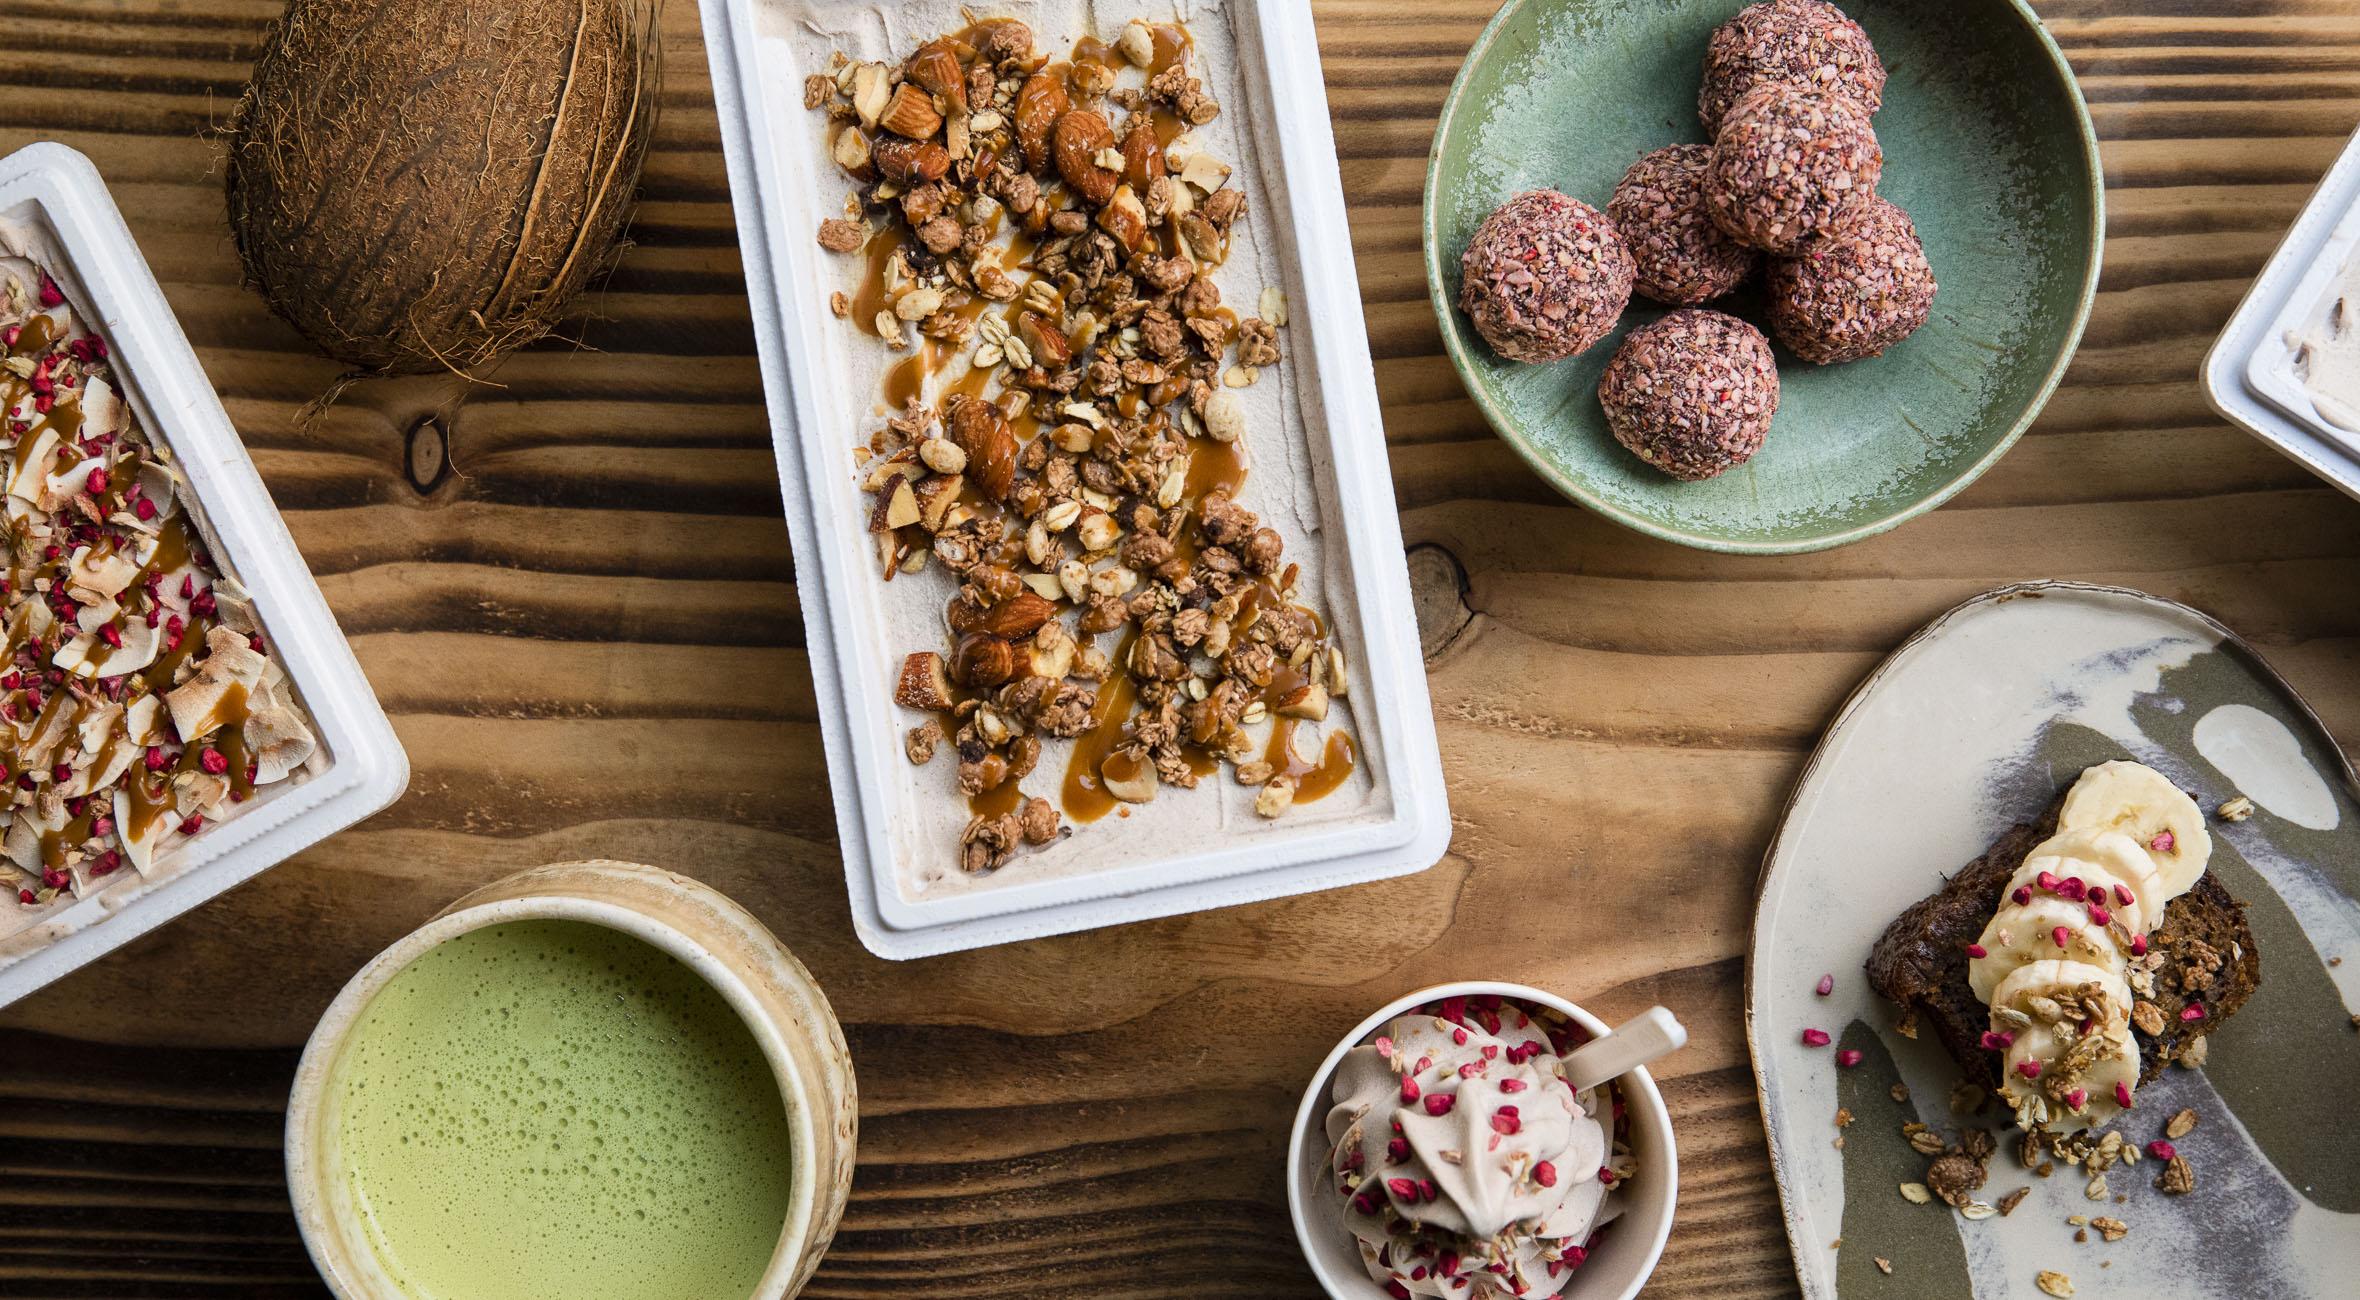 Frit valg til alt hos Banana på Nørrebro – Få alt fra vegansk is i bægre & isbokse til banana bread, dadelkugler, shakes, matcha og specialty coffee